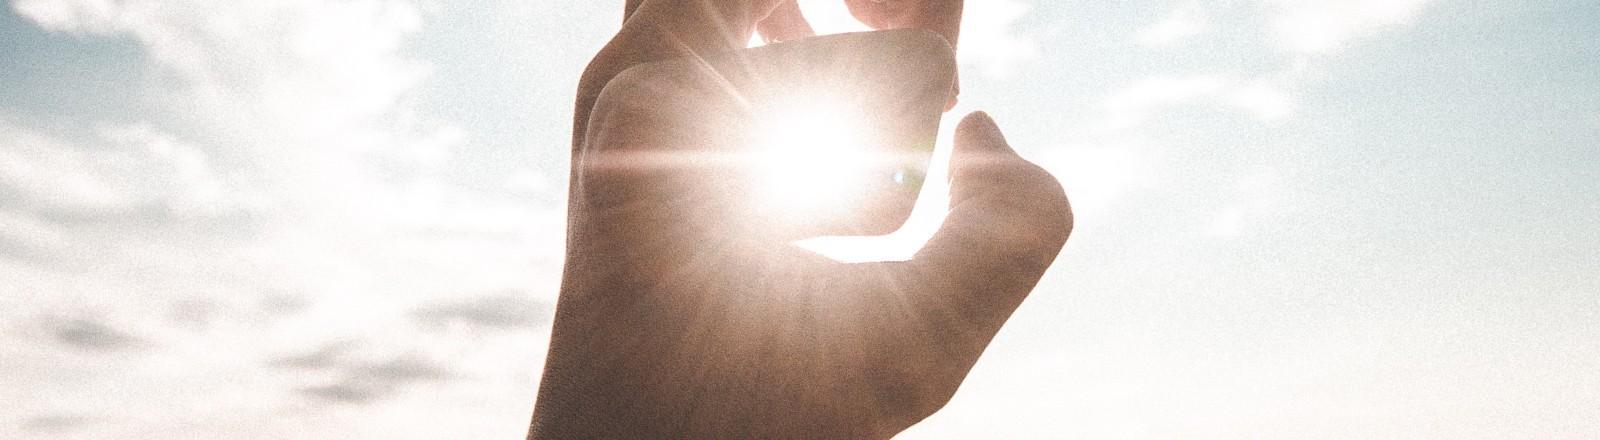 Zwischen den Fingern einer Hand sieht man die Sonne.